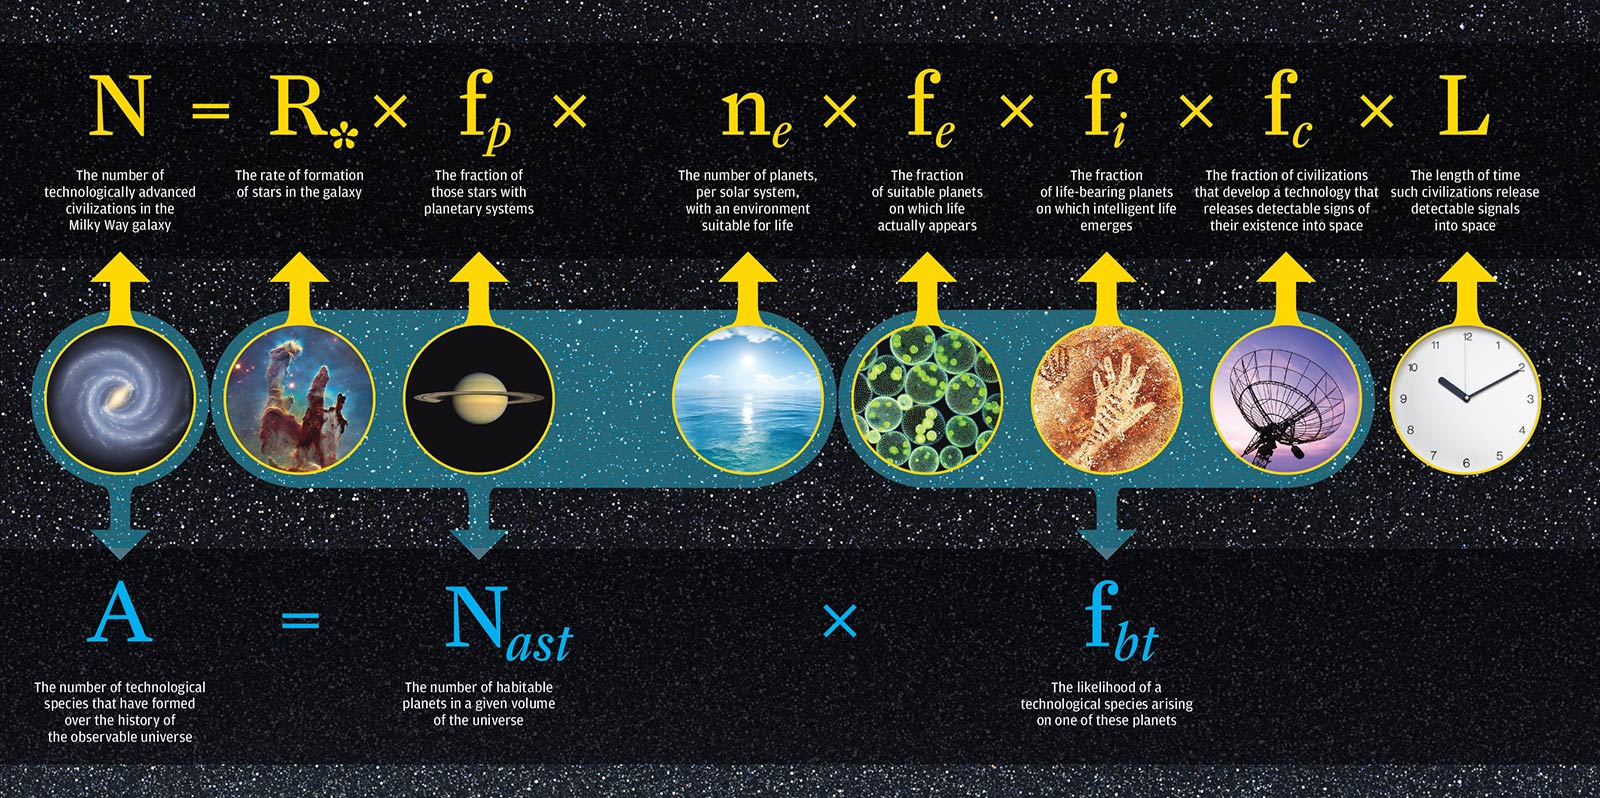 Если мы и примем сигналы от инопланетян, они к тому времени, скорее всего, уже исчезнут - 1